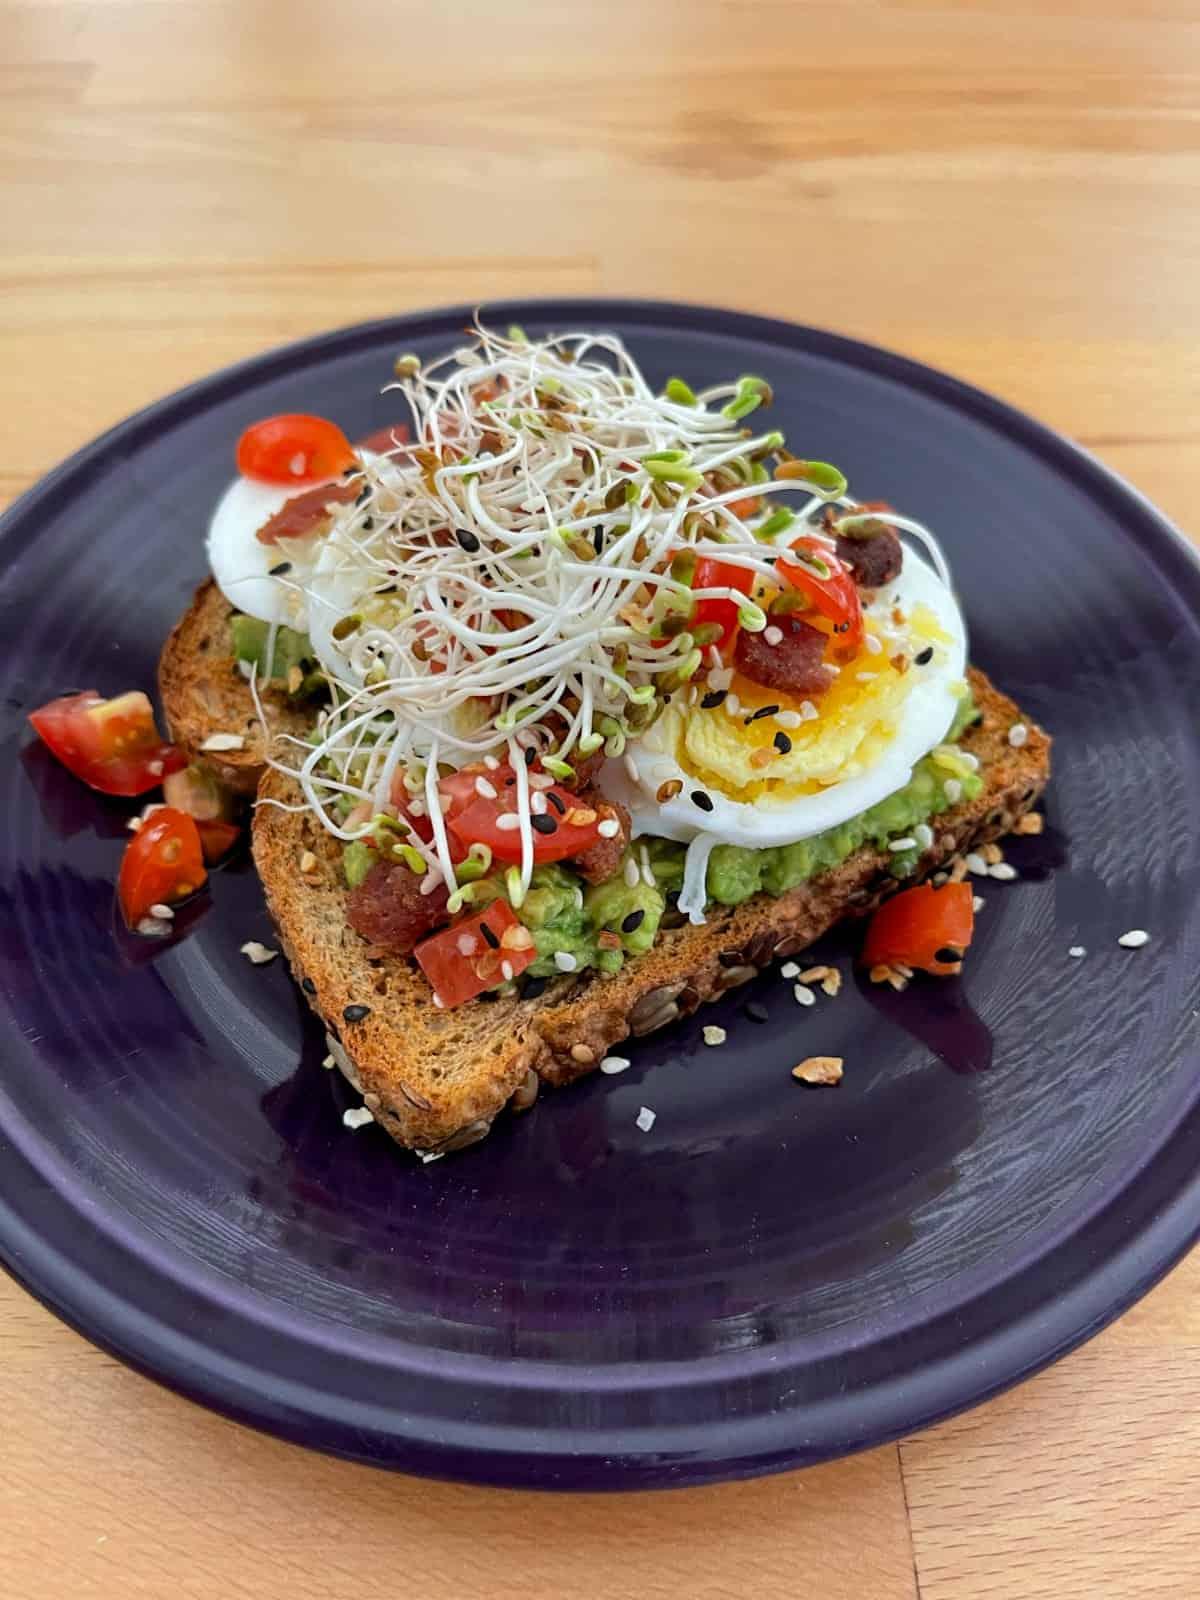 BLT avocado toast on purple plate on wood table